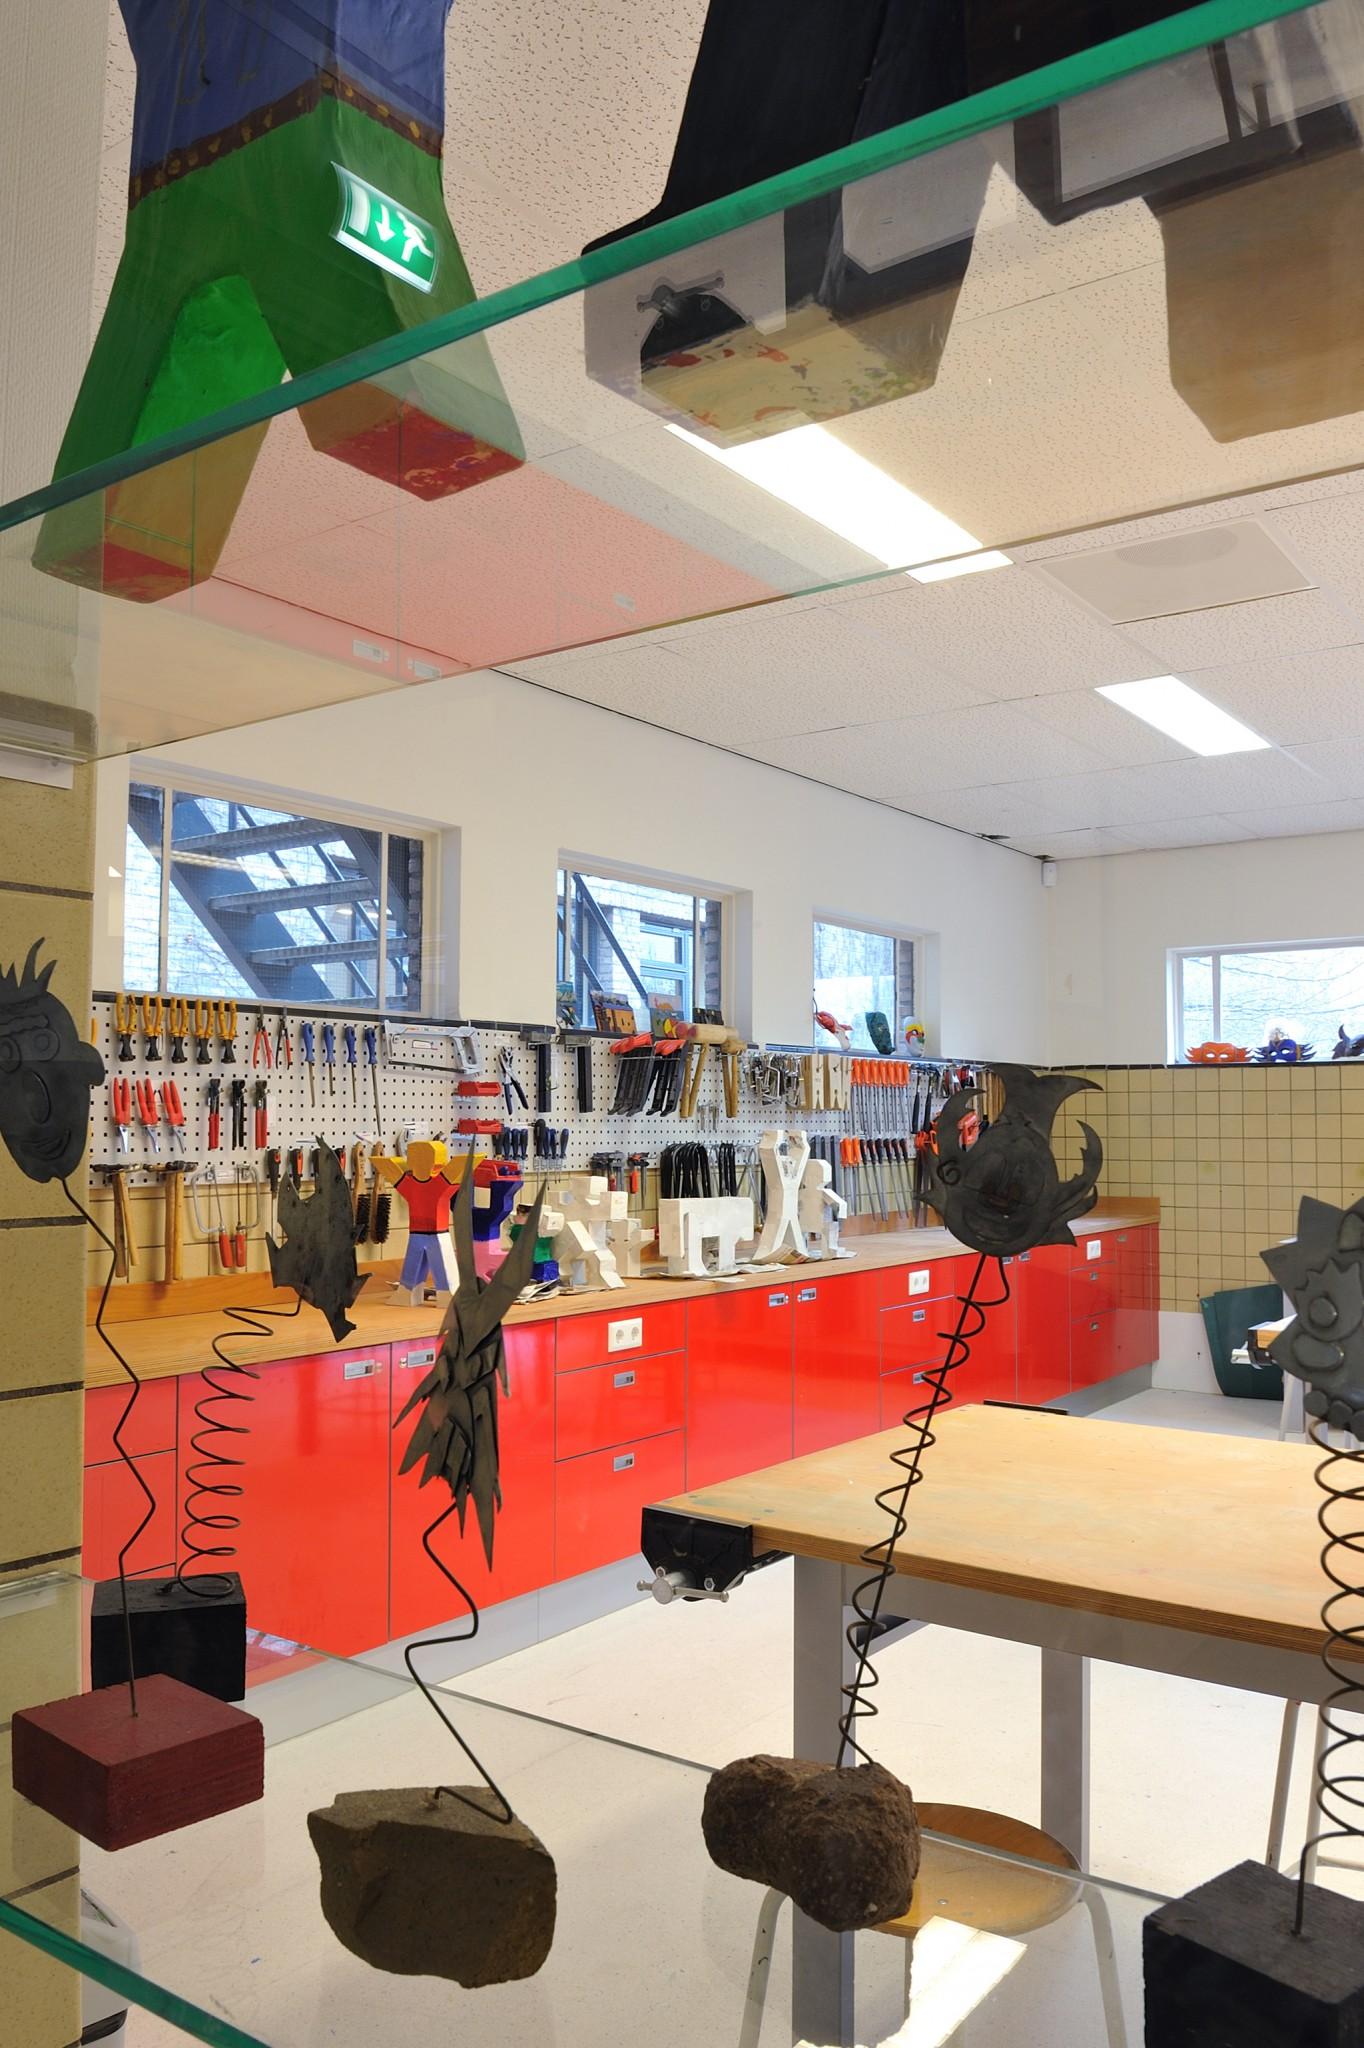 De Ontwerpwerkplaats, Gijs Niemeijer, Floor van Ditzhuyzen, Speciaal schoolmeubilair, ontwerp schoolmeubilair, meubelontwerp school, meubelontwerp voor scholen, ontwerp lockers, speciaal schoolmeubilair, inrichting scholen, schoolinrichting, inrichting technieklokaal, interieurarchitect school, verbouwing school, architect school, verbouwing Maerlant Lyceum, ontwerp speciaal meubilair scholen, gijs niemeijer, Floor van Ditzhuyzen